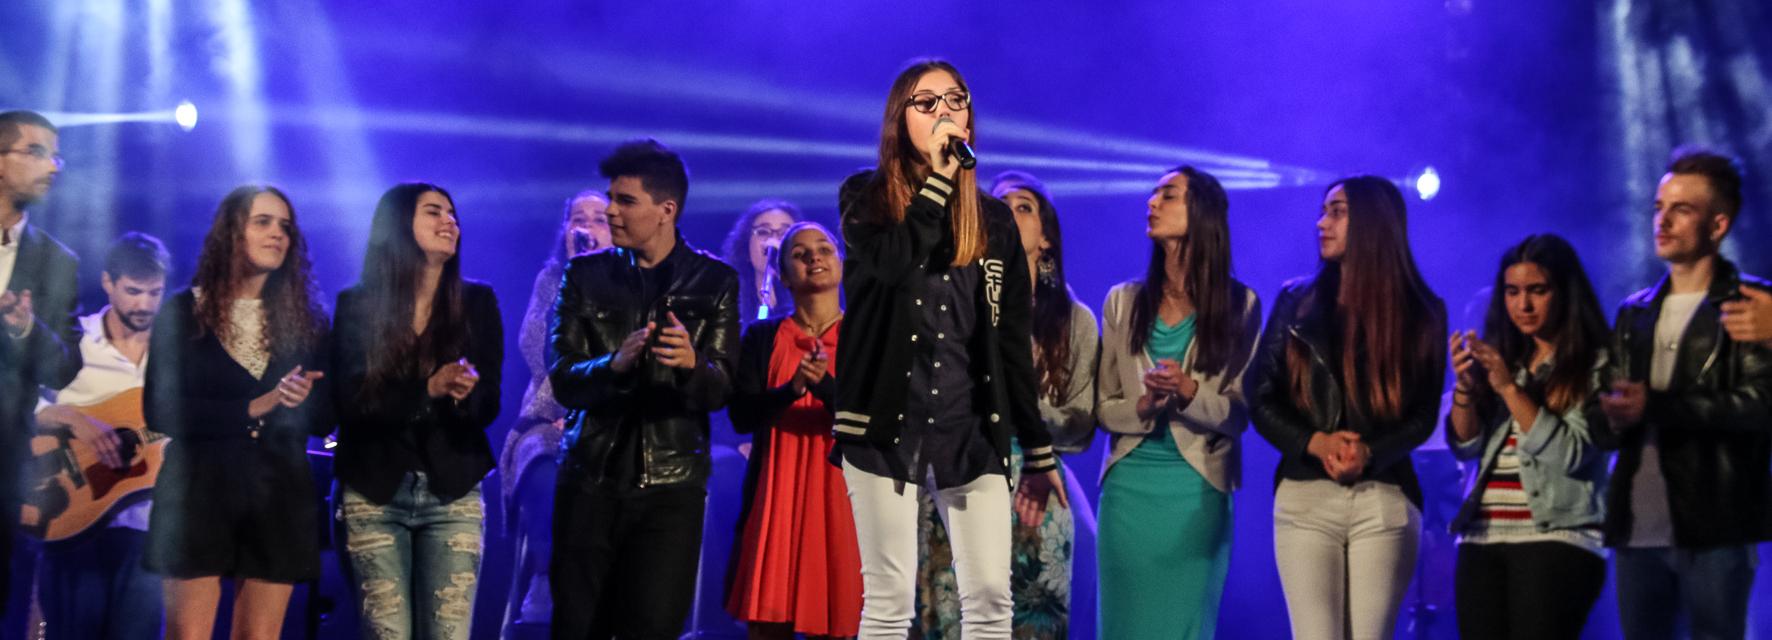 Beatriz Caravana e Betânia Barreto venceram Festival da Canção